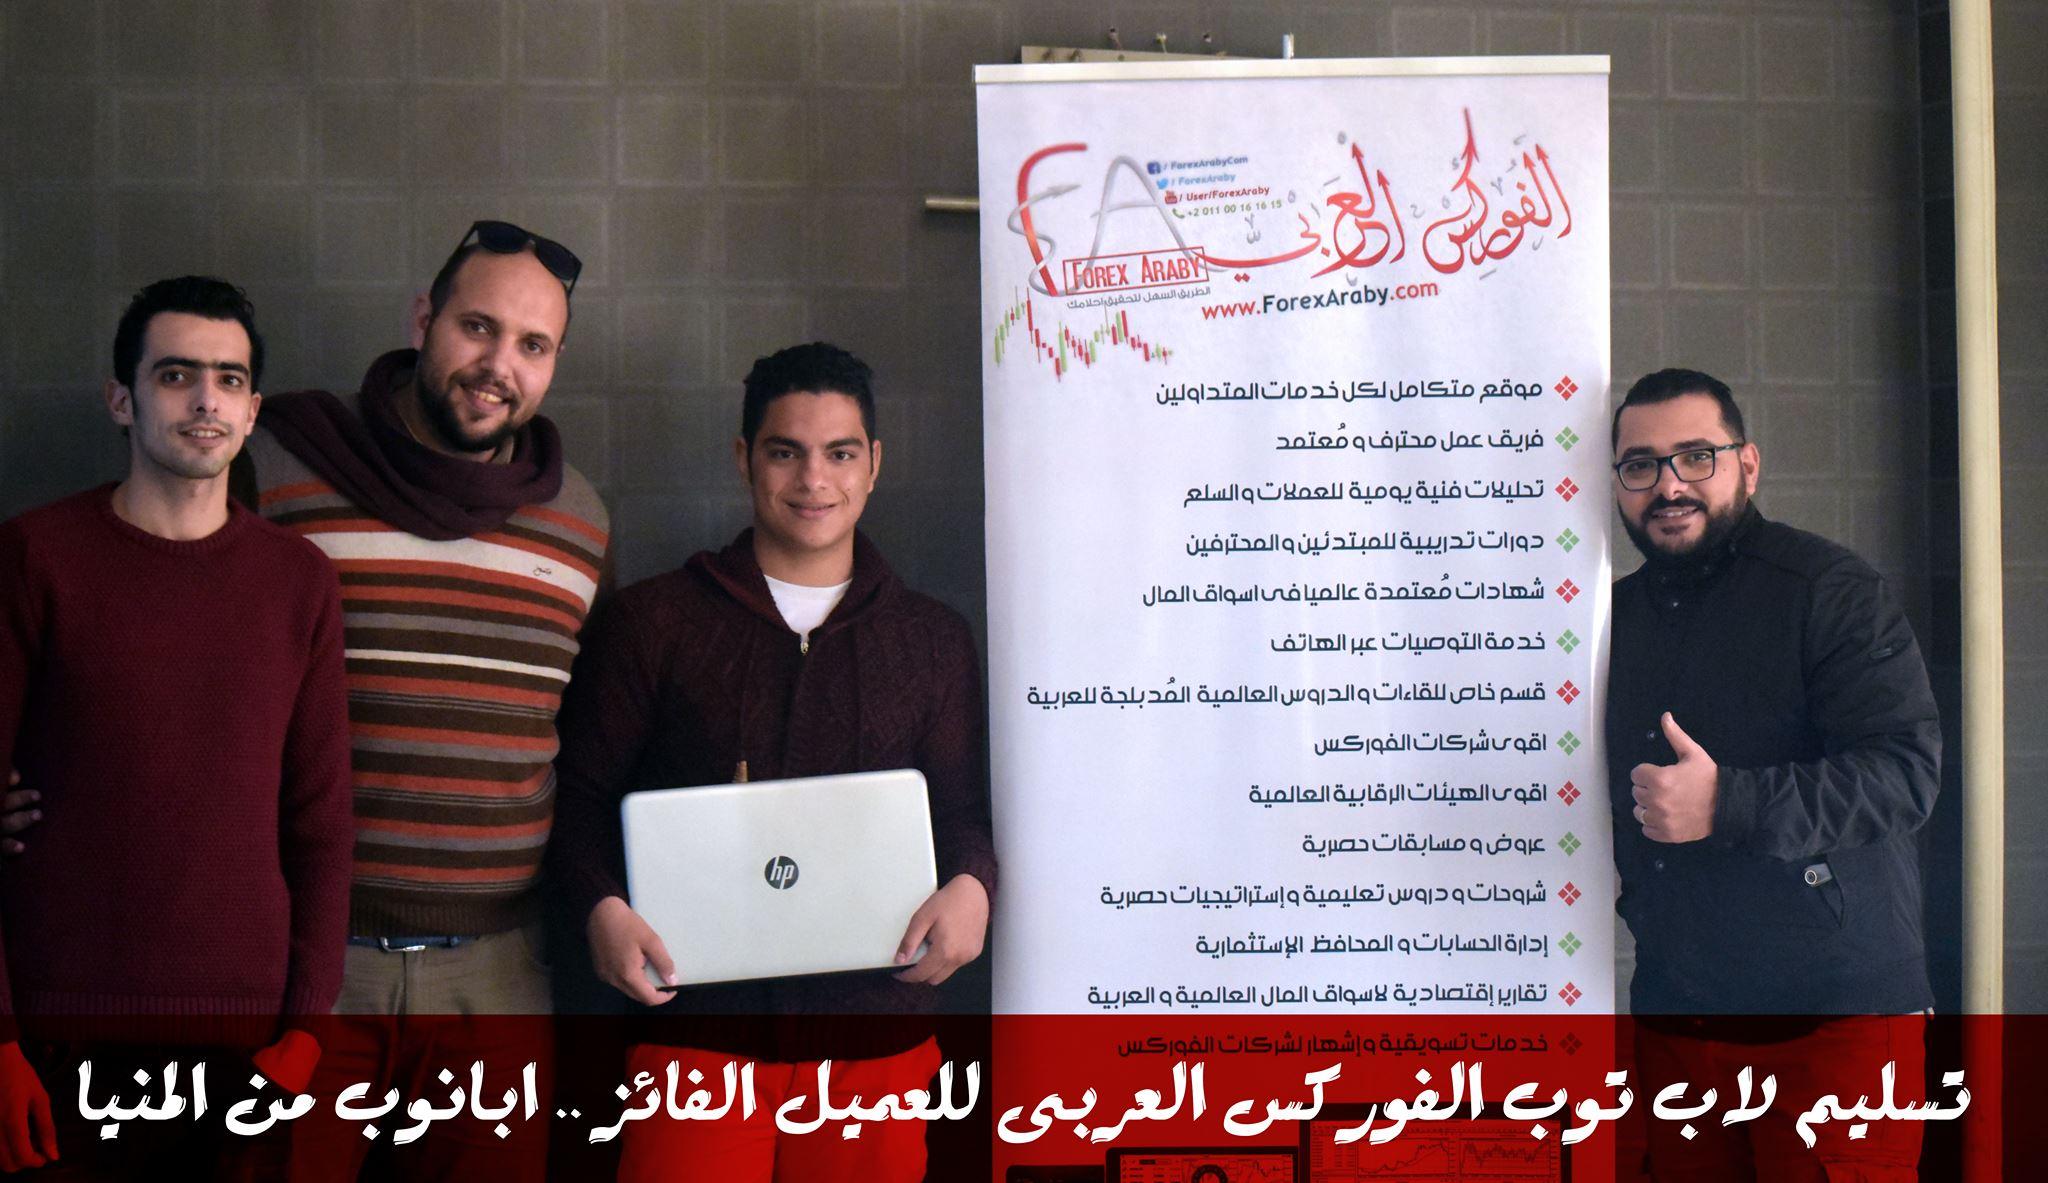 لقاء مع ابانوب ناجح الفائز بلاب توب الفوركس العربى 2017